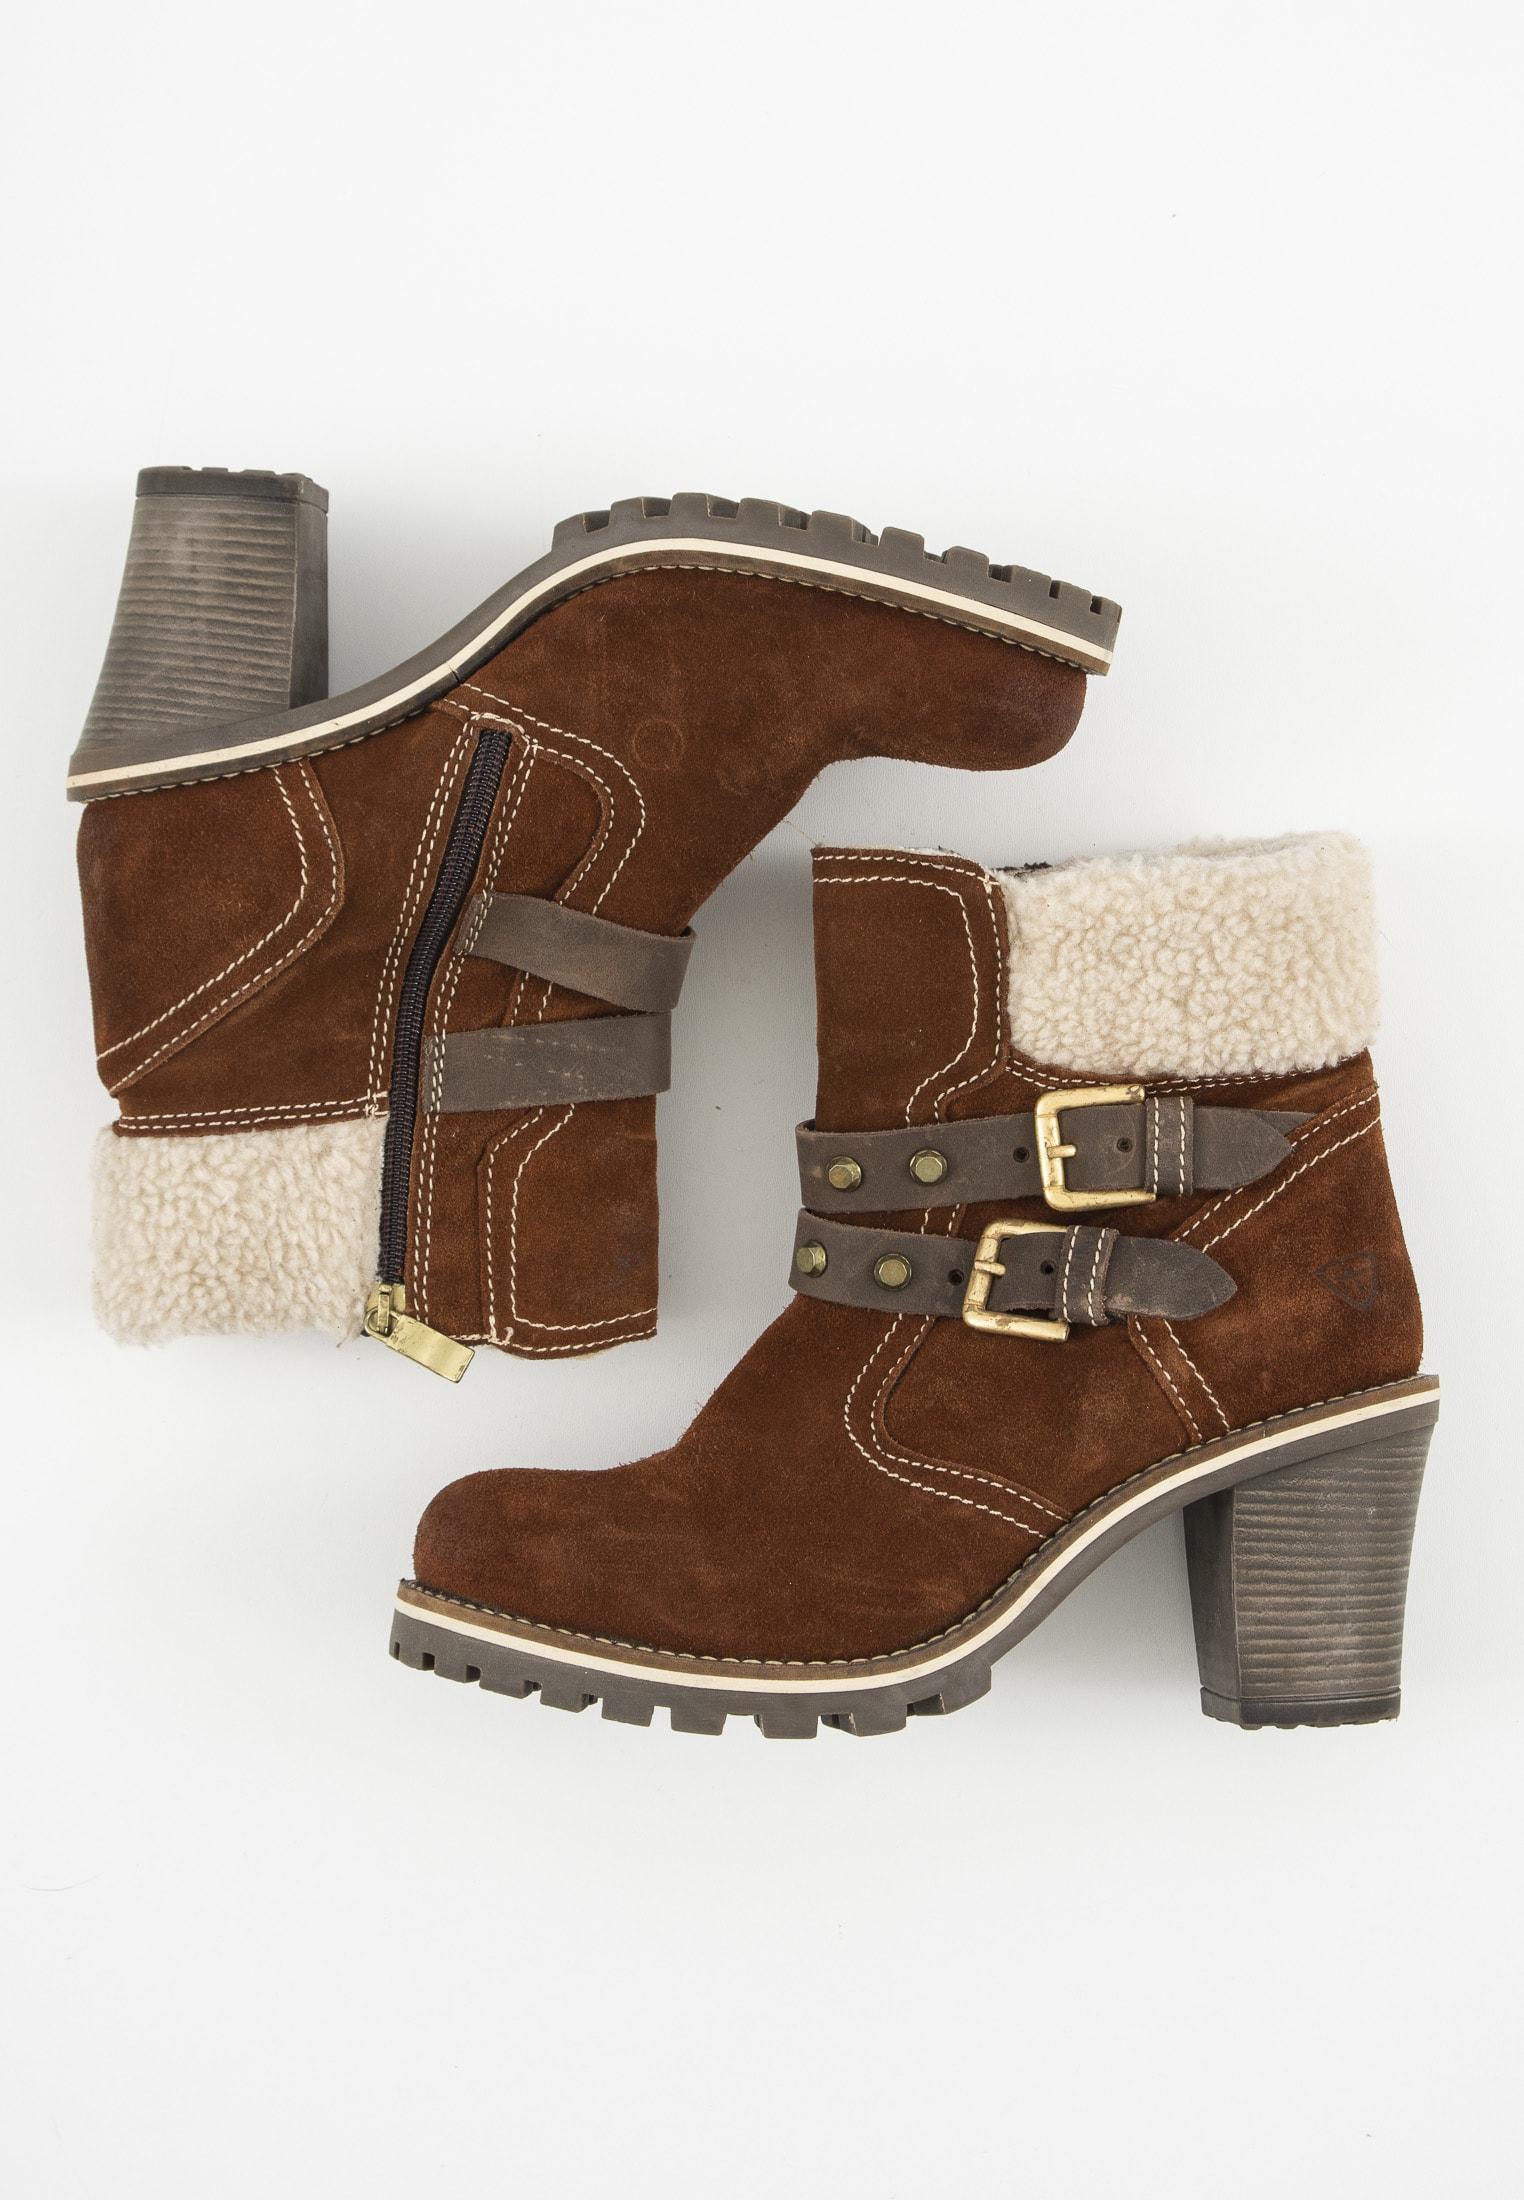 Tamaris Stiefel / Stiefelette / Boots Braun Gr.38